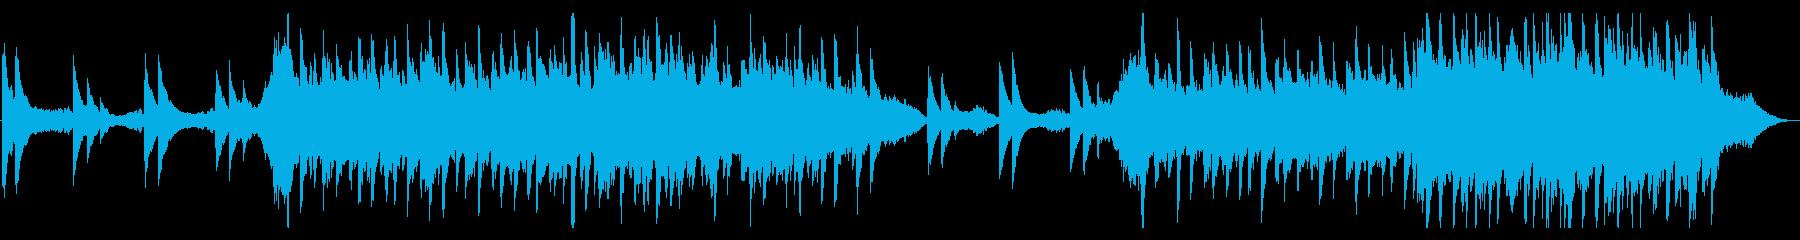 おしゃれで幻想的で切ないピアノ曲の再生済みの波形